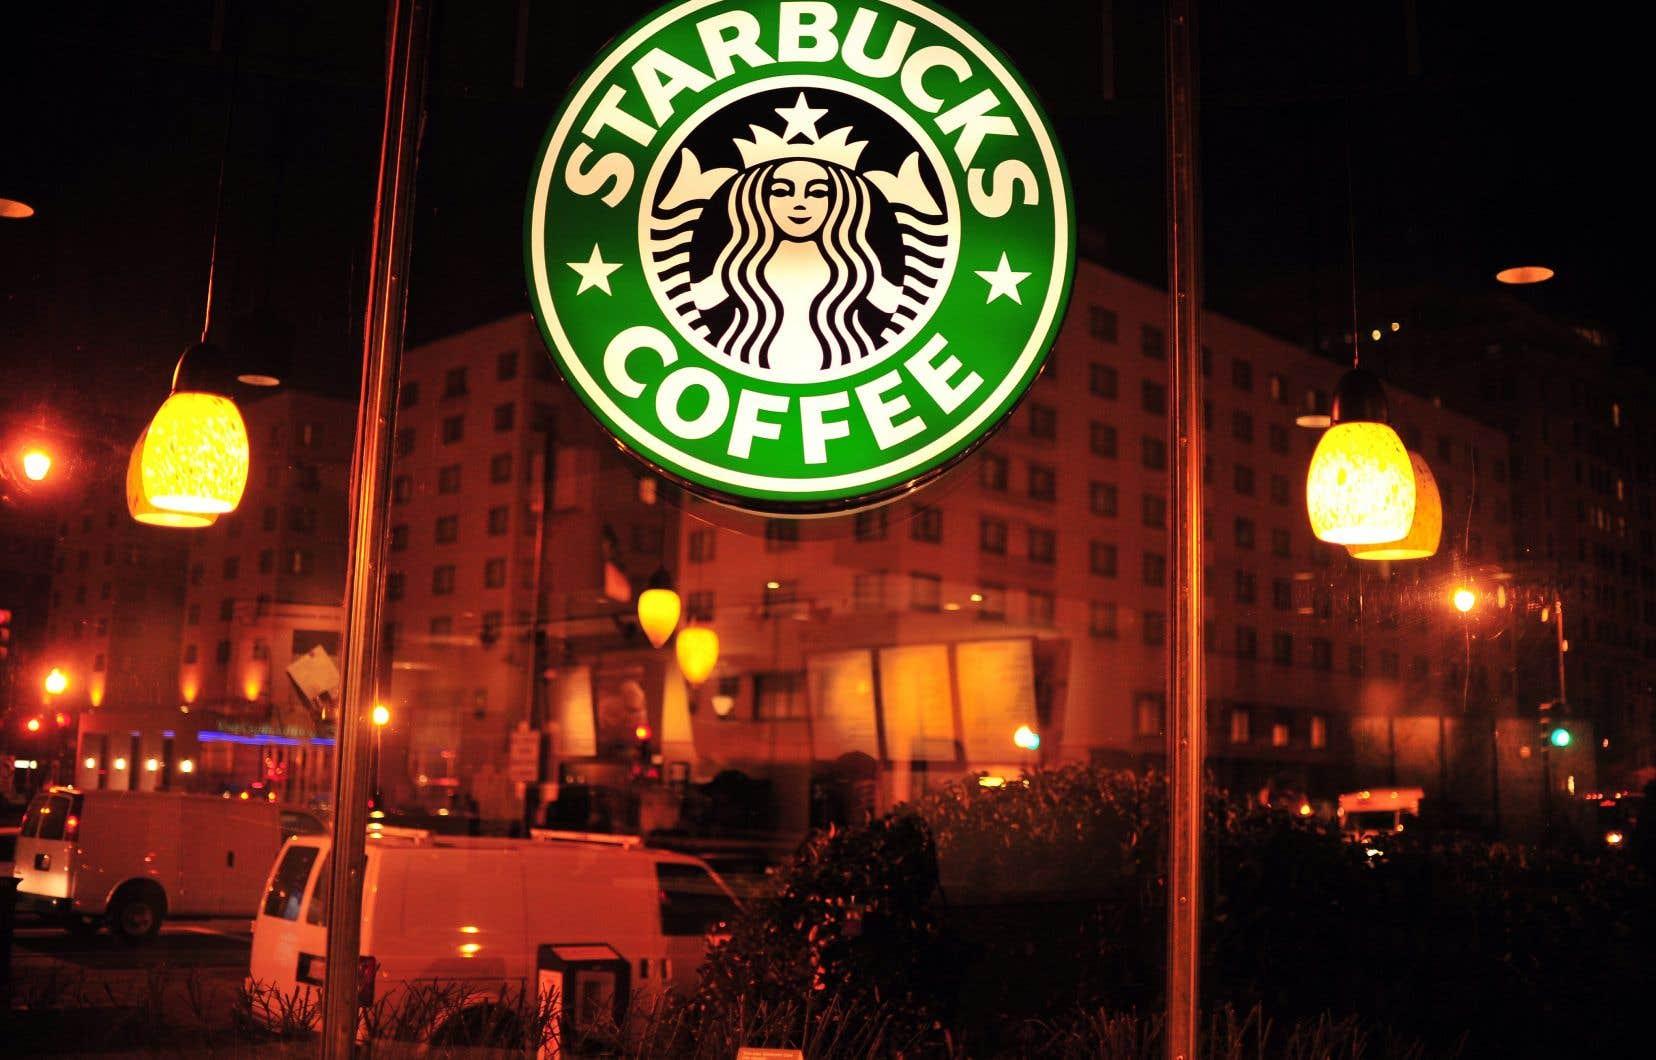 Starbucks fermera ses établissements américains le 29 mai afin d'offrir une formation à quelque 175 000 employés.